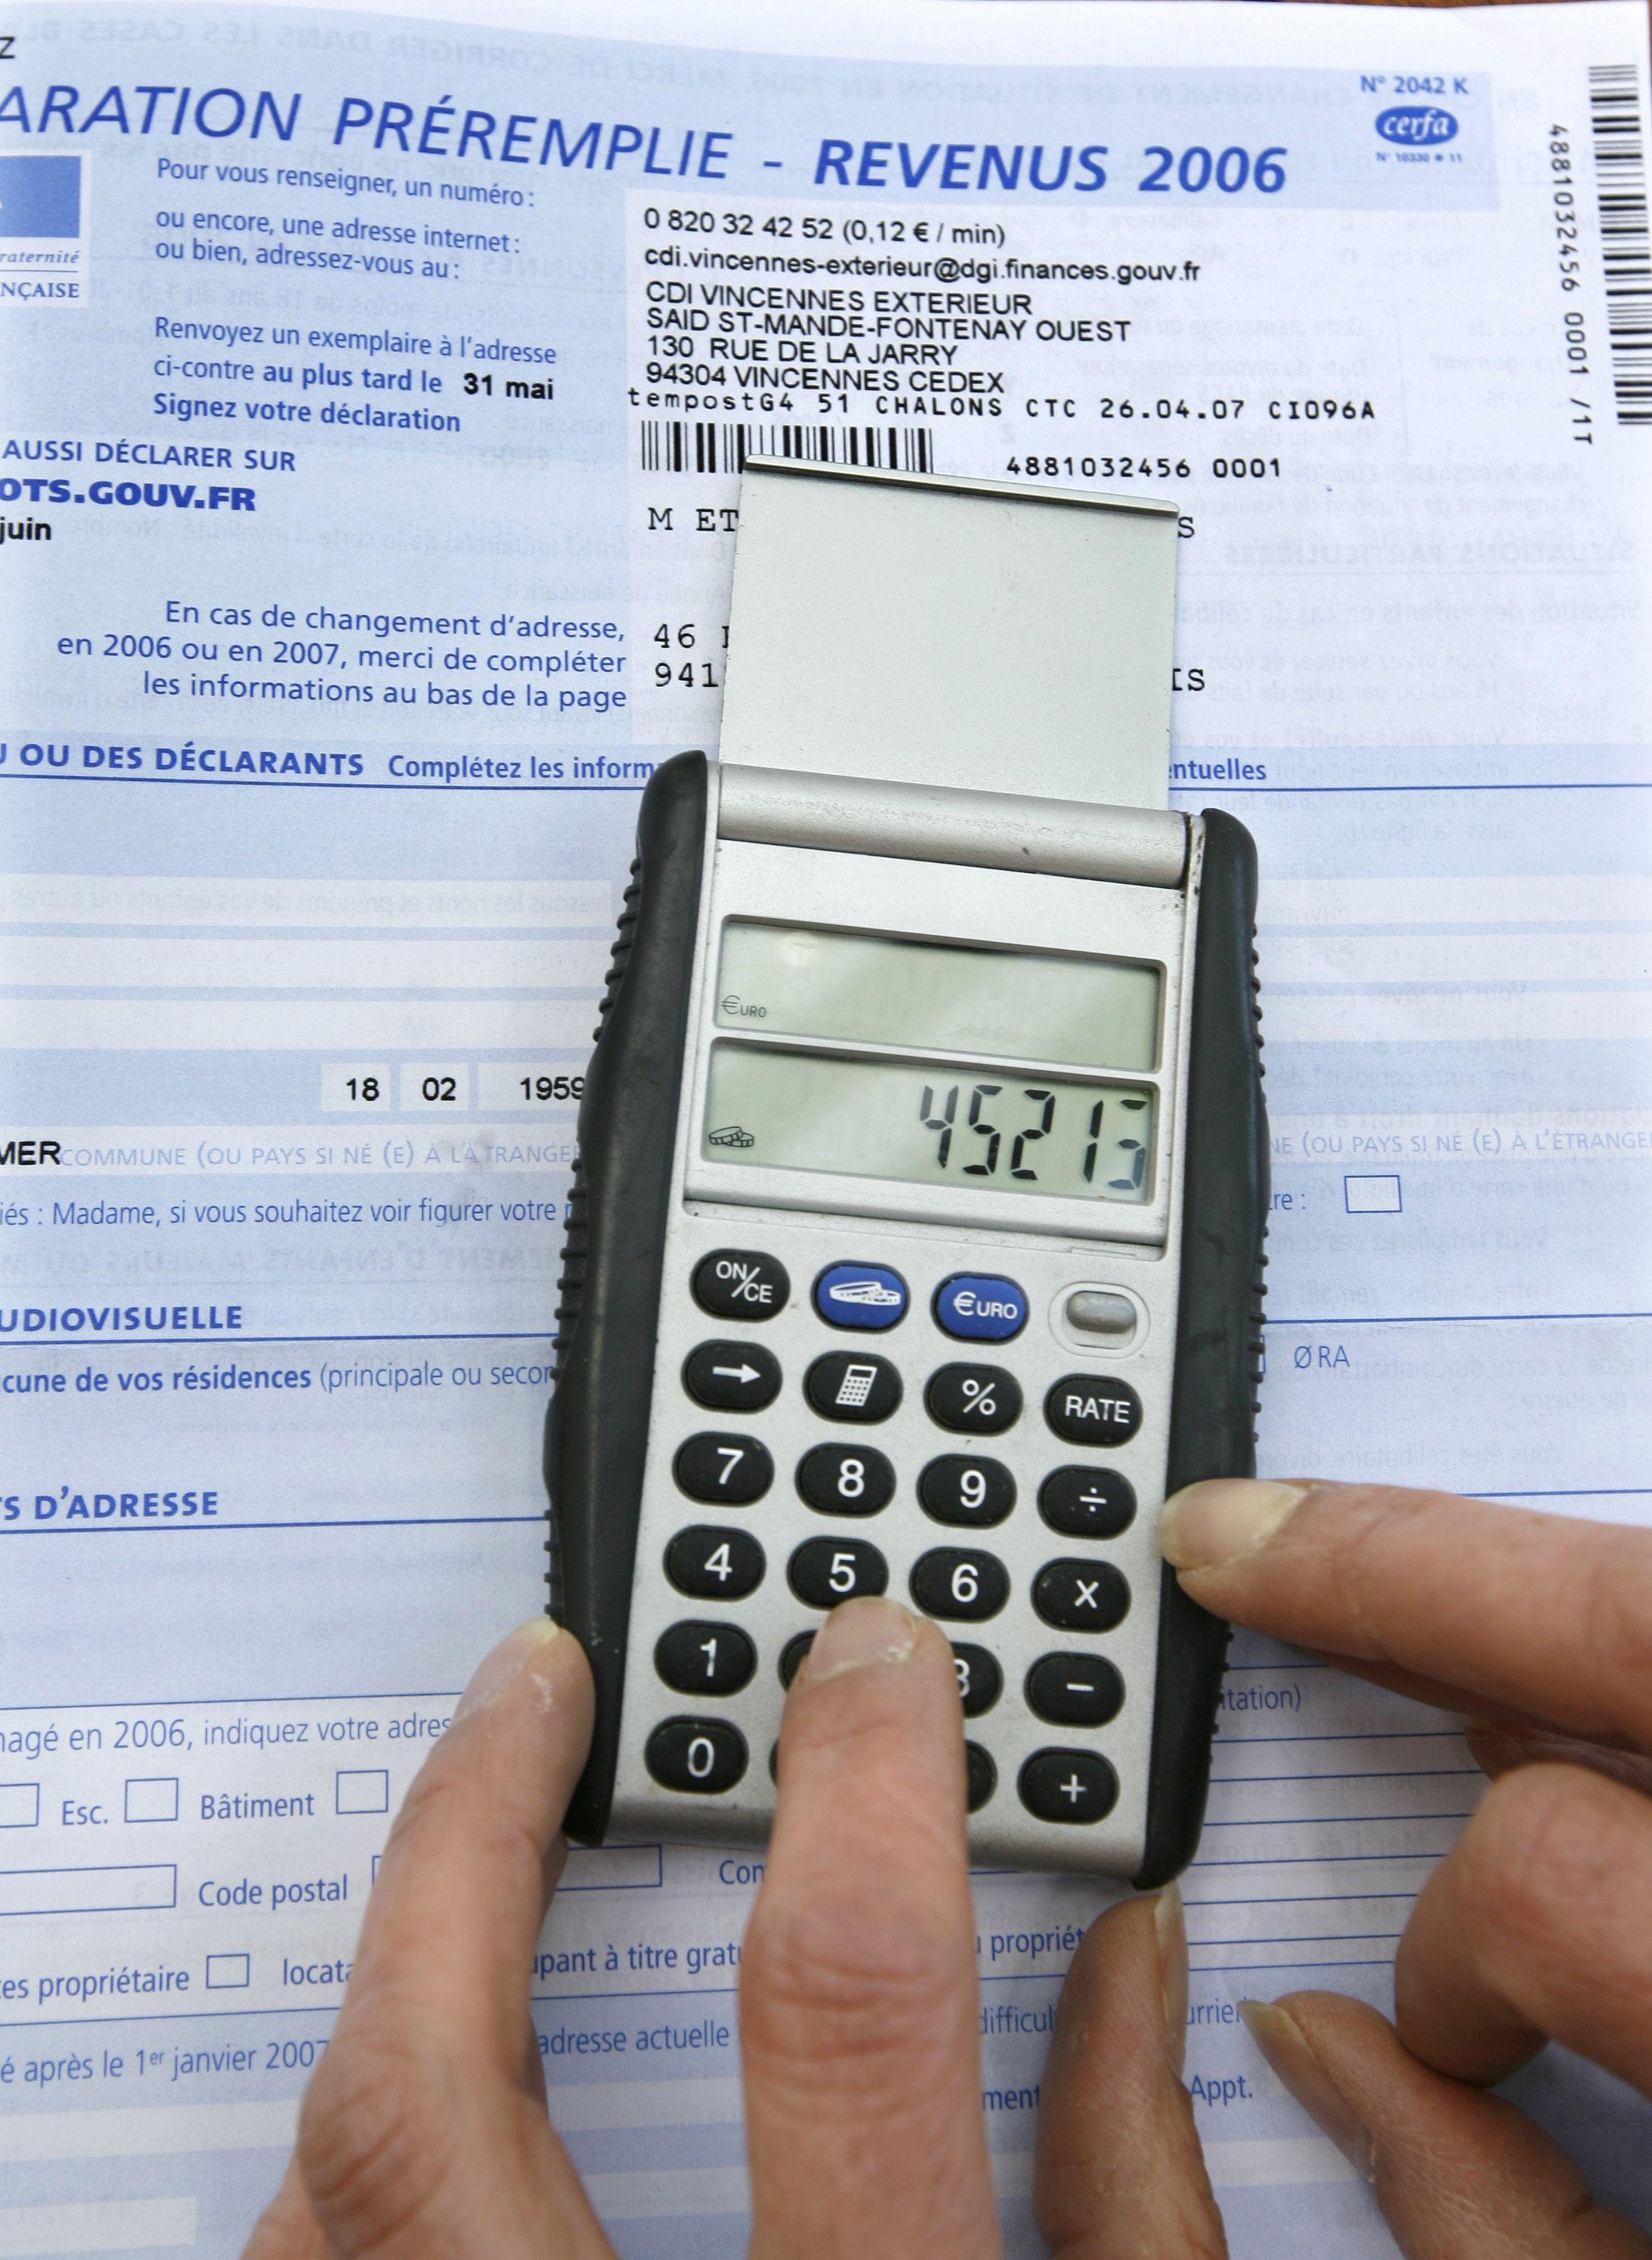 Plus d'1,2 million de demandes de remises gracieuses ont été adressées au fisc en 2013